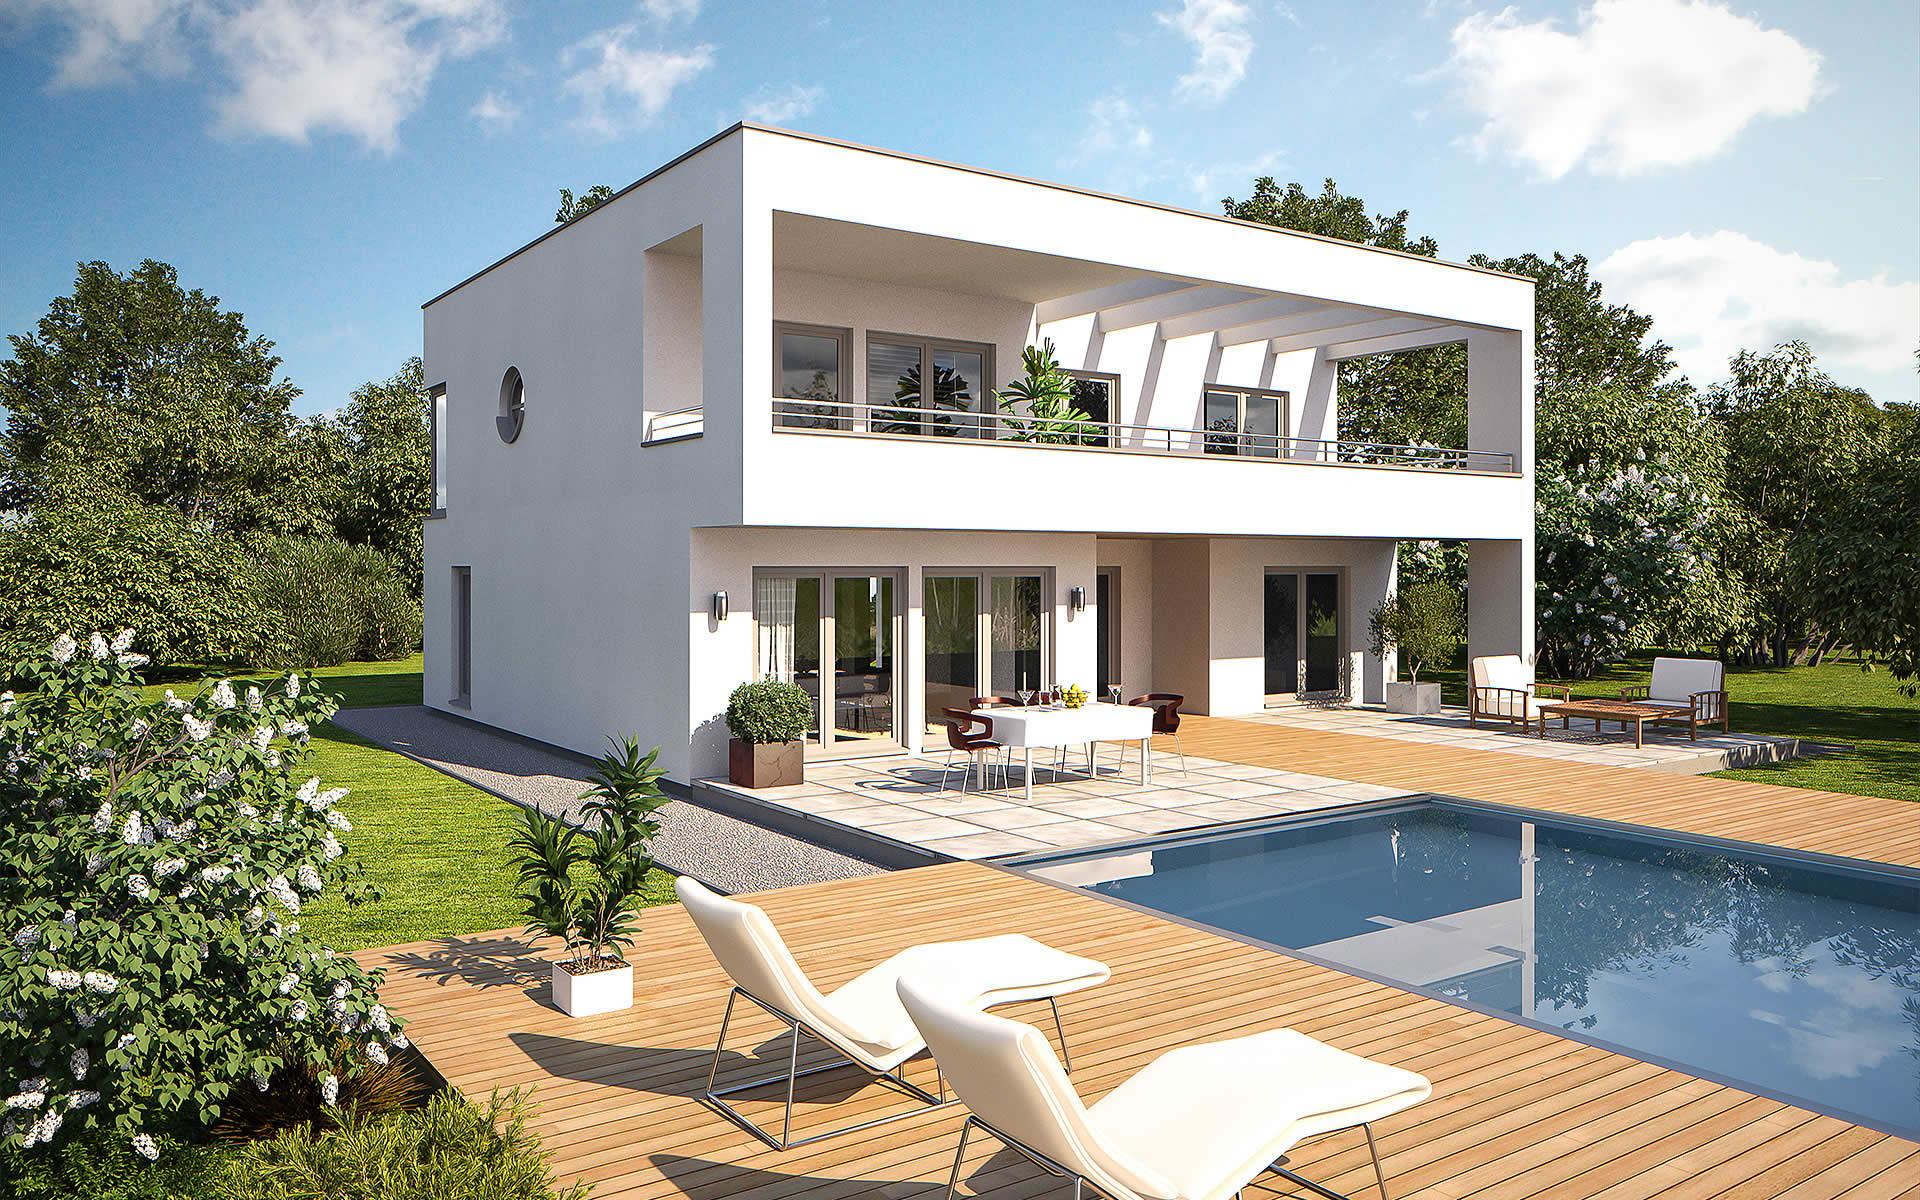 Fine Arts 260 von Bärenhaus - das fertige Haus GmbH